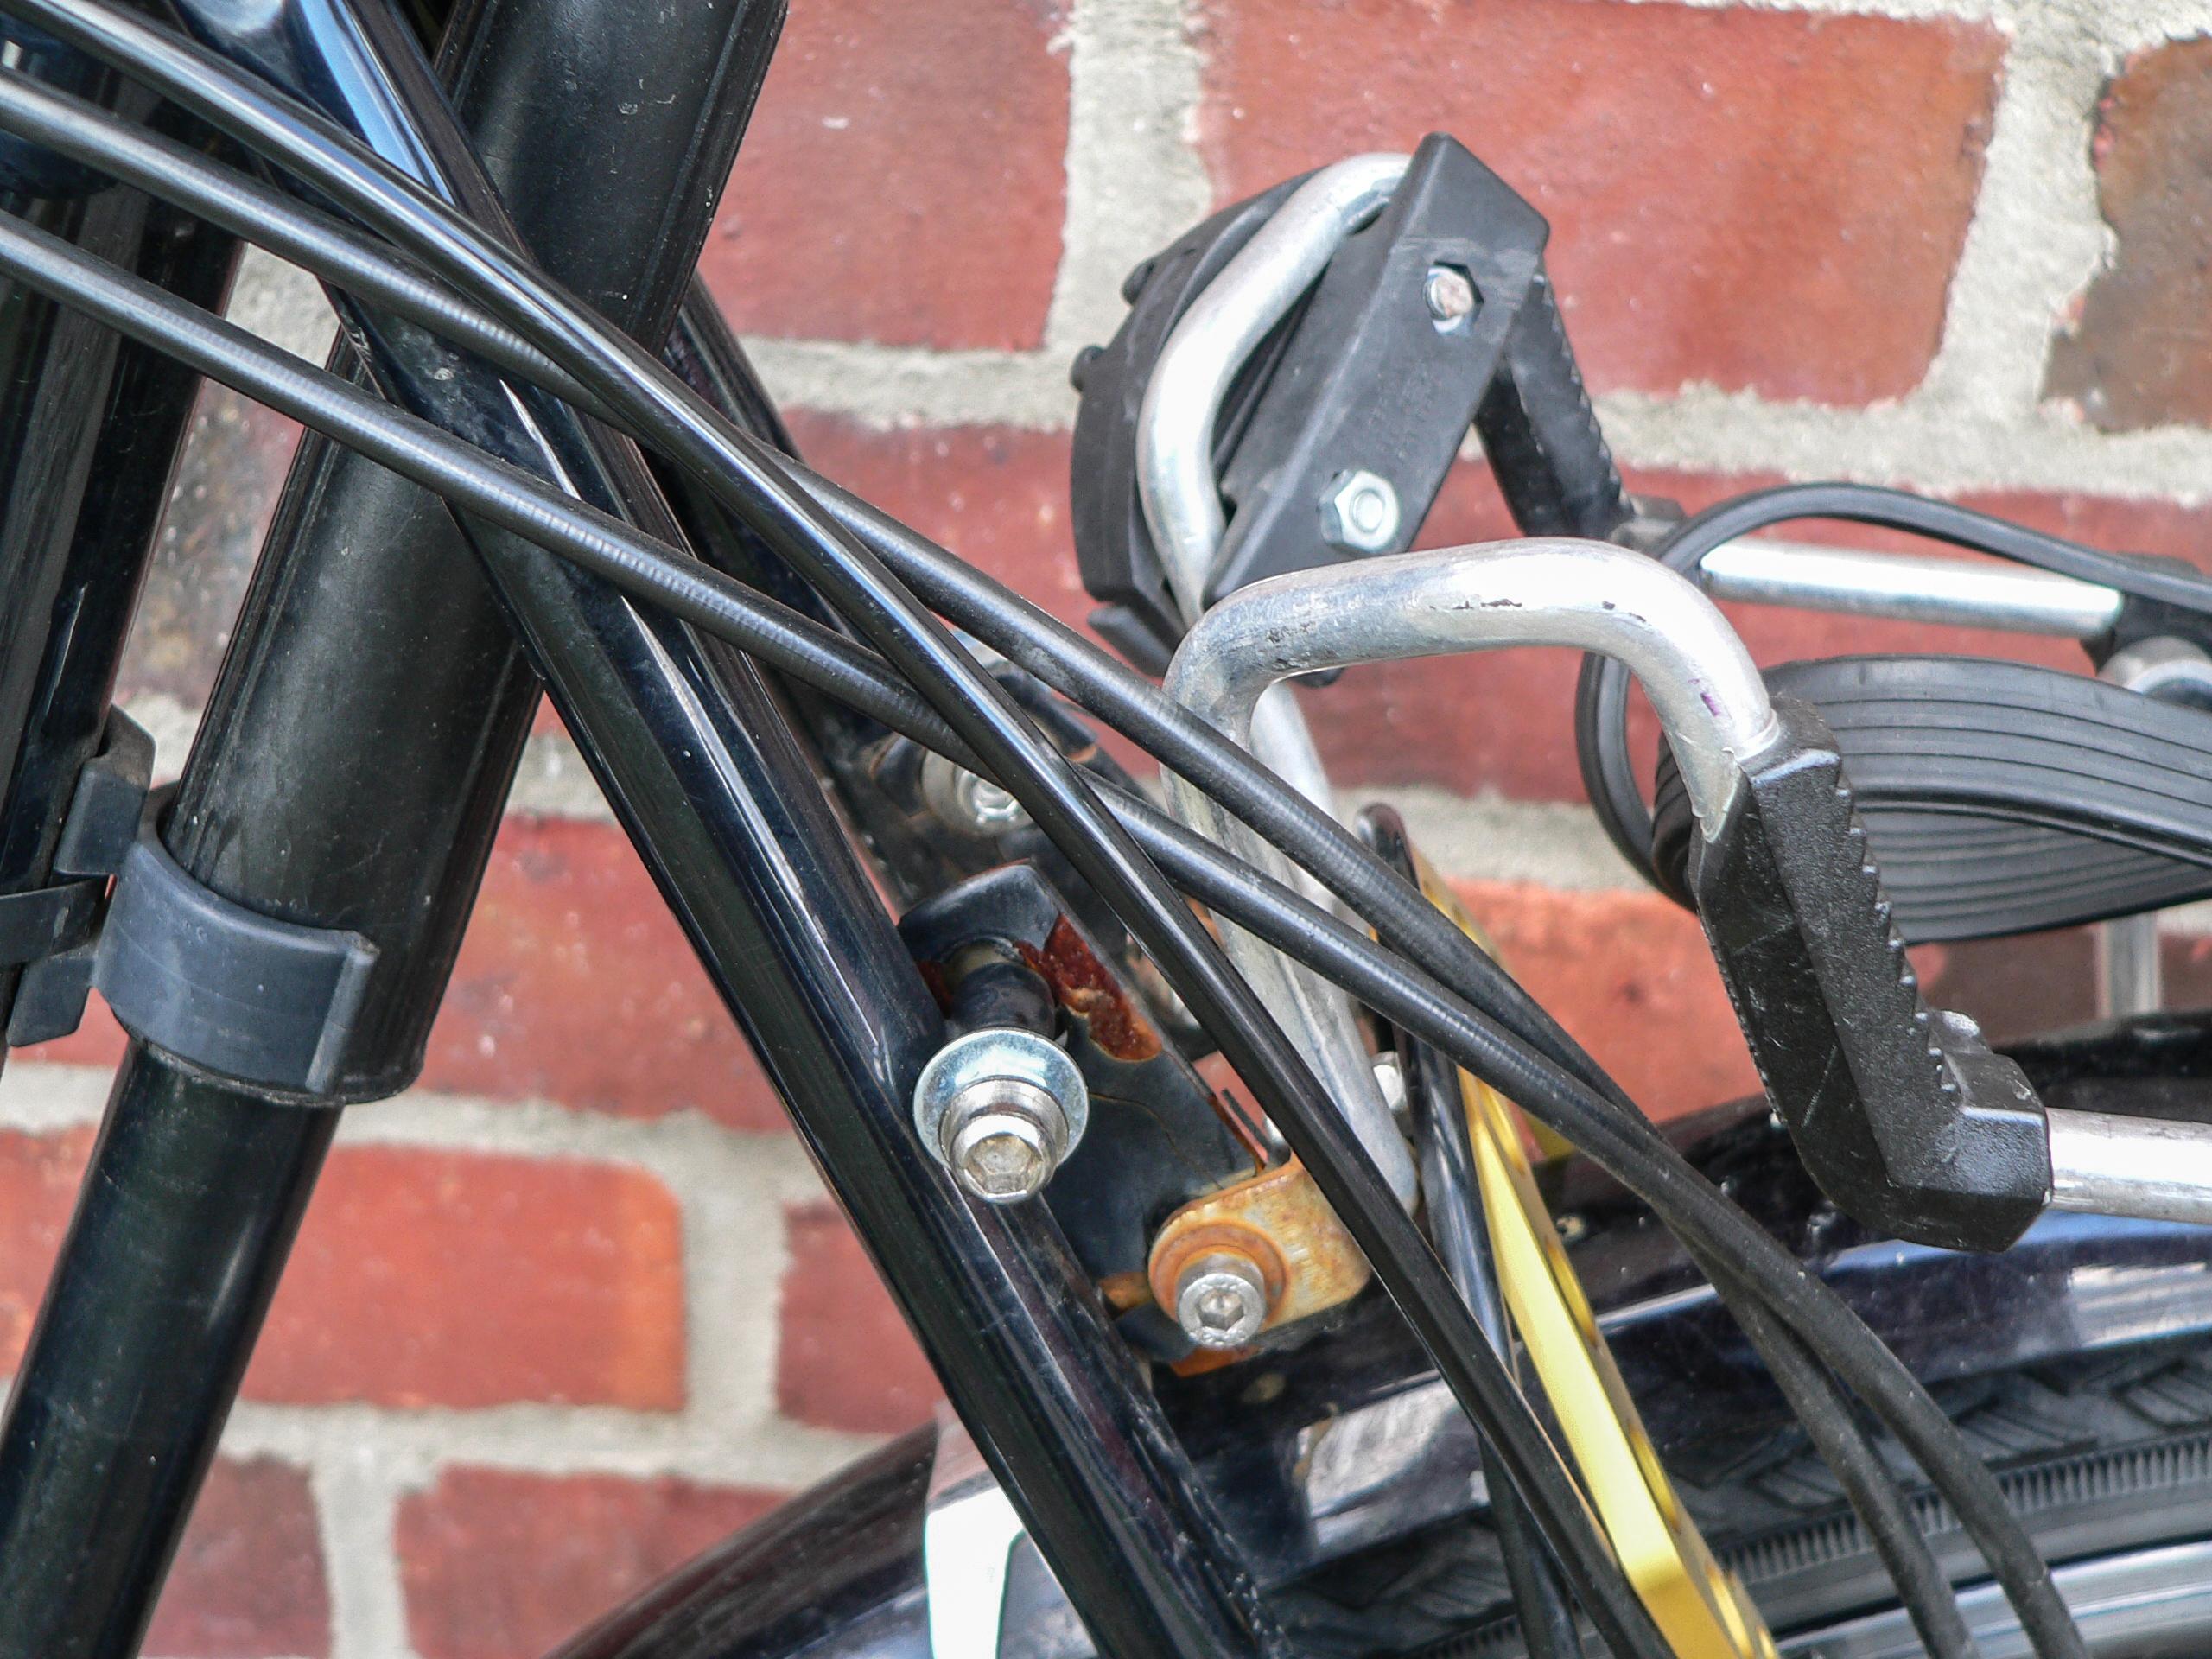 08-08-23-fahrrad-knackt-02-RalfR.jpg